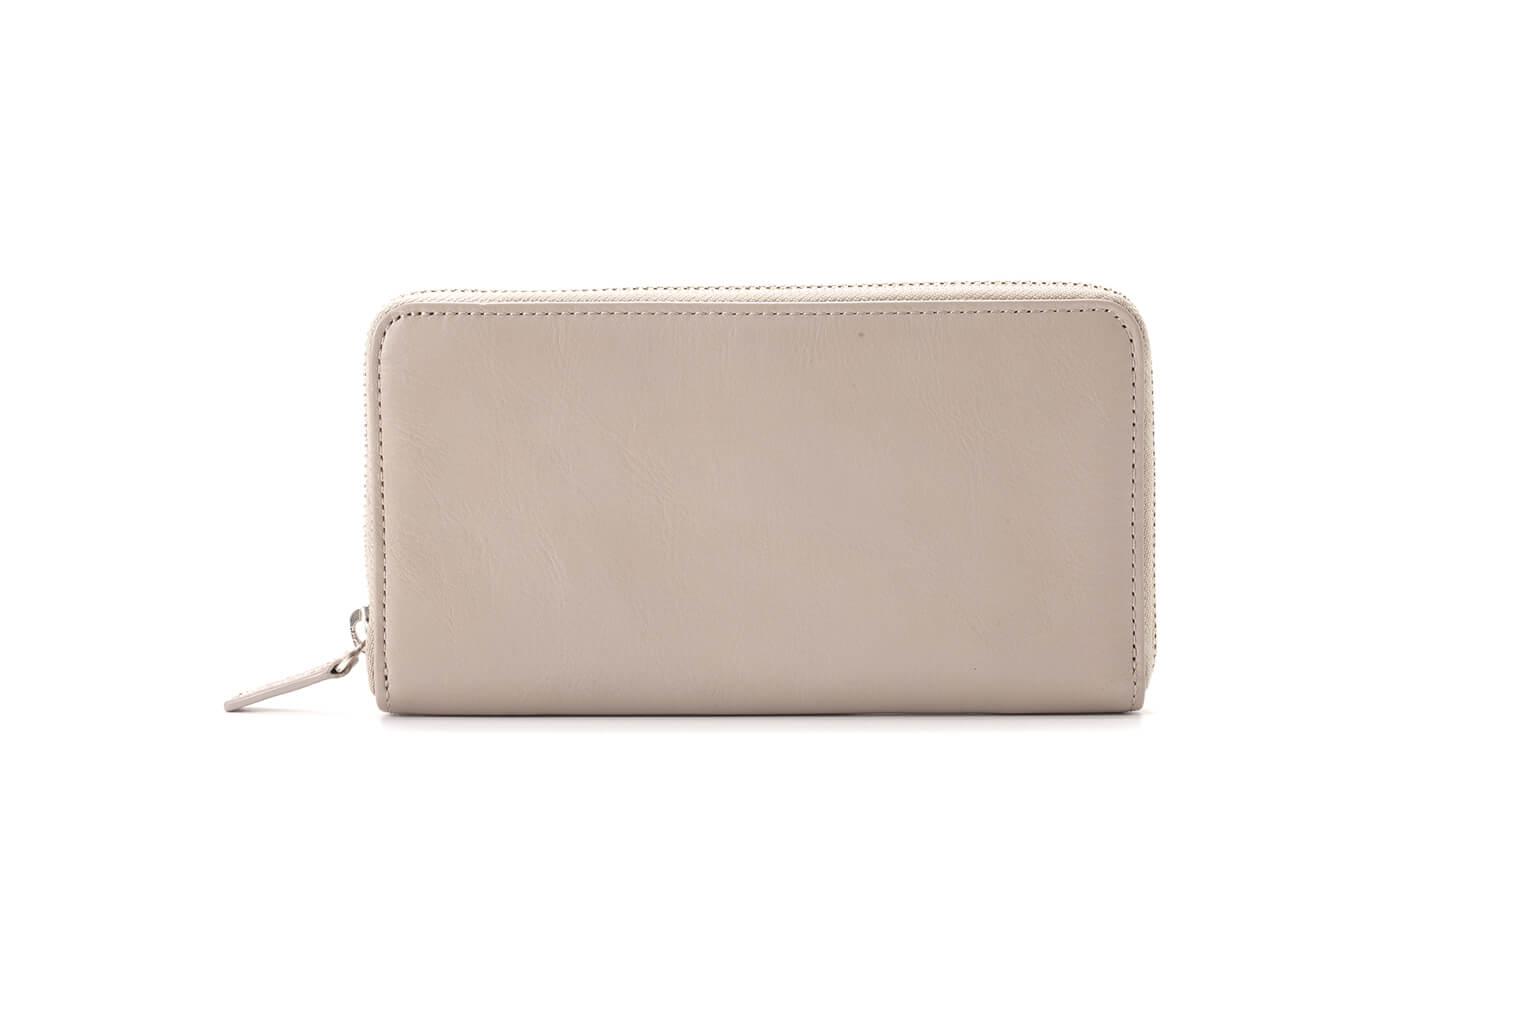 グレーベージュ Business Leather Factory(ビジネスレザーファクトリー) 長財布(ラウンドファスナー)